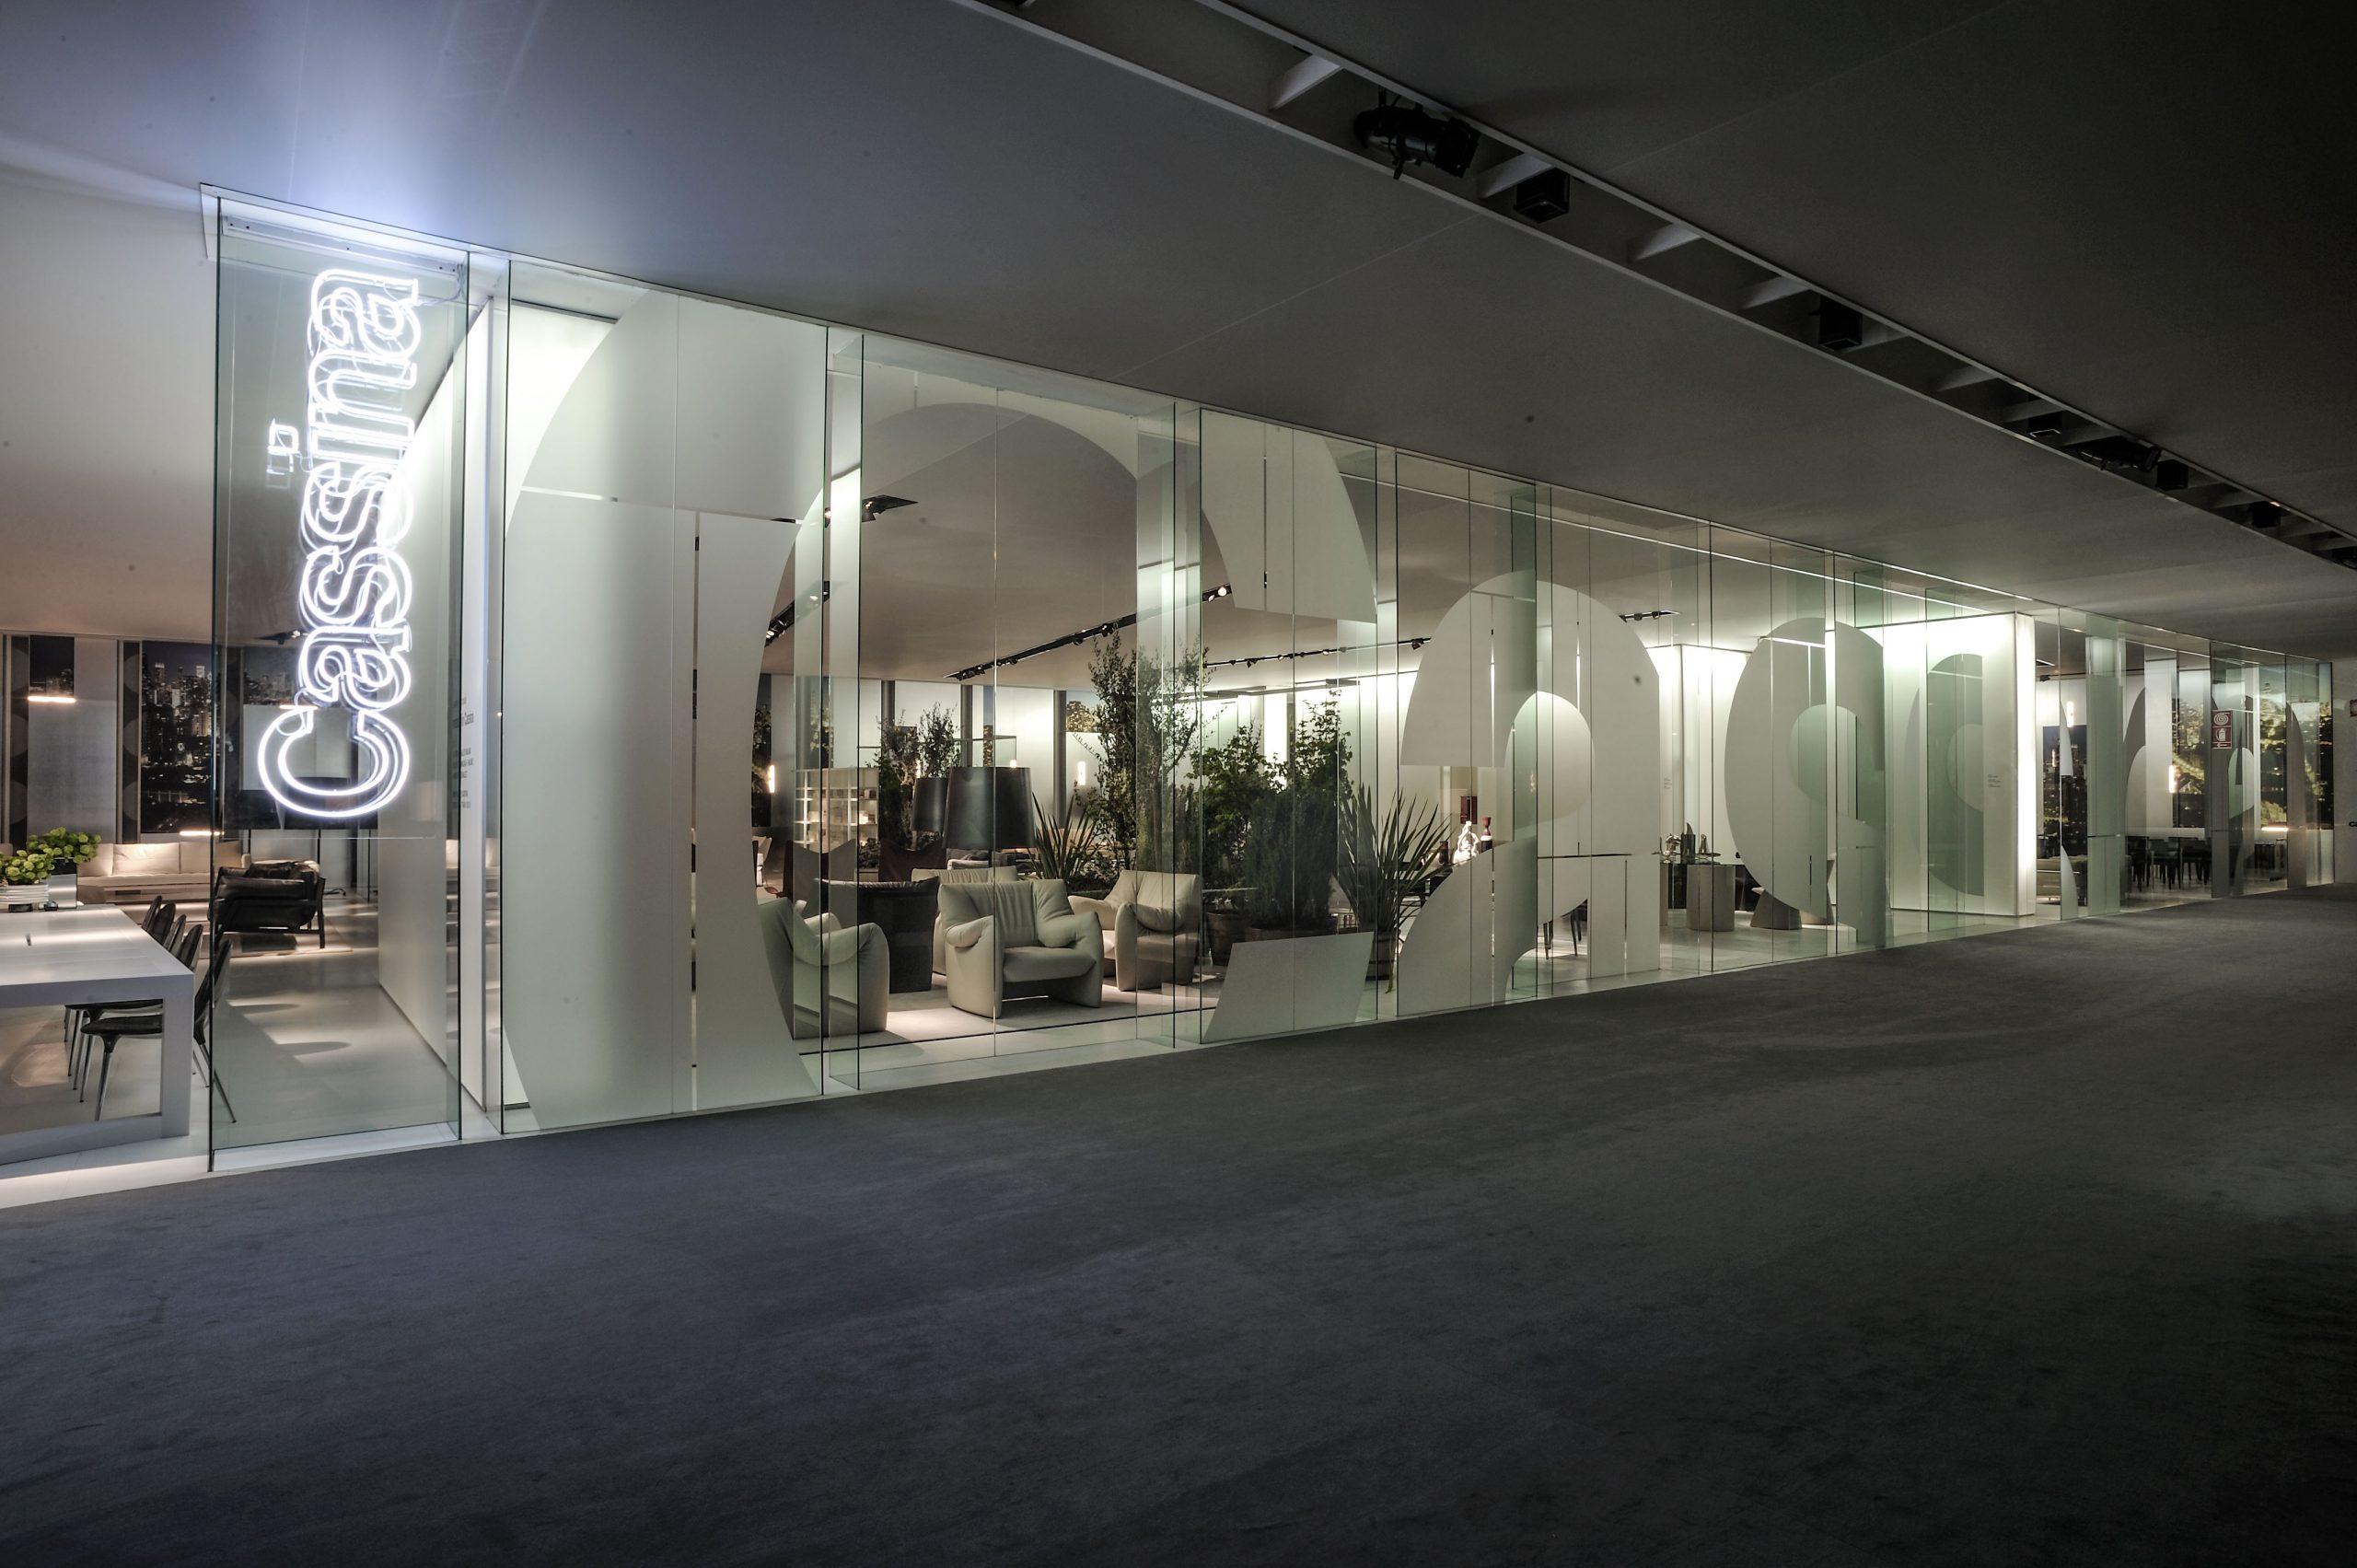 1-Cassina-Salone-Milano-2008-CHIMENTI